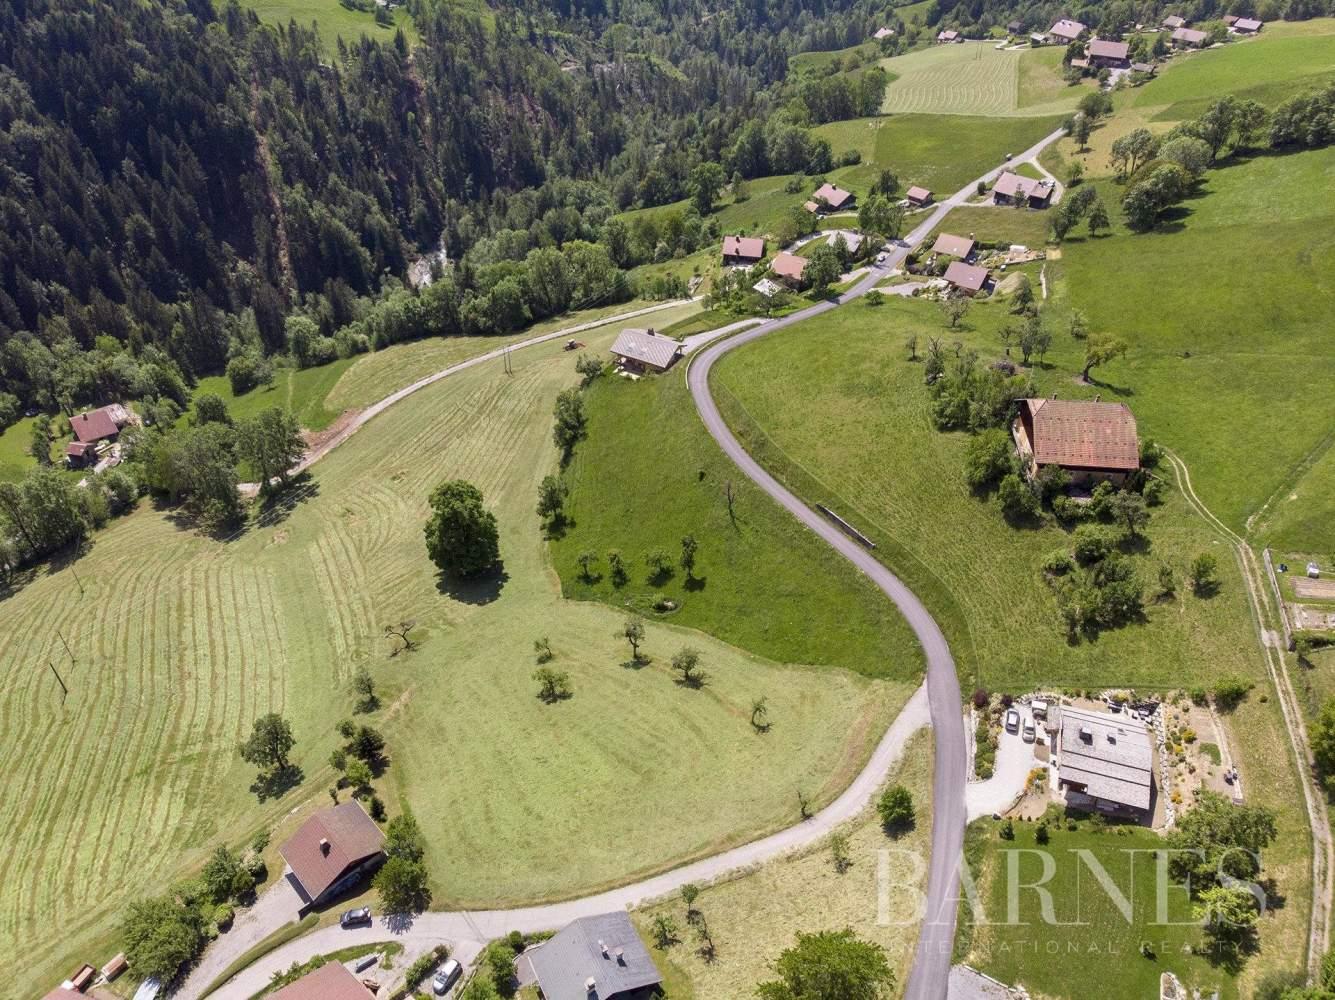 Terrain exceptionnel à 2 pas du centre de Manigod (possibilité de promotion immobilière) picture 2